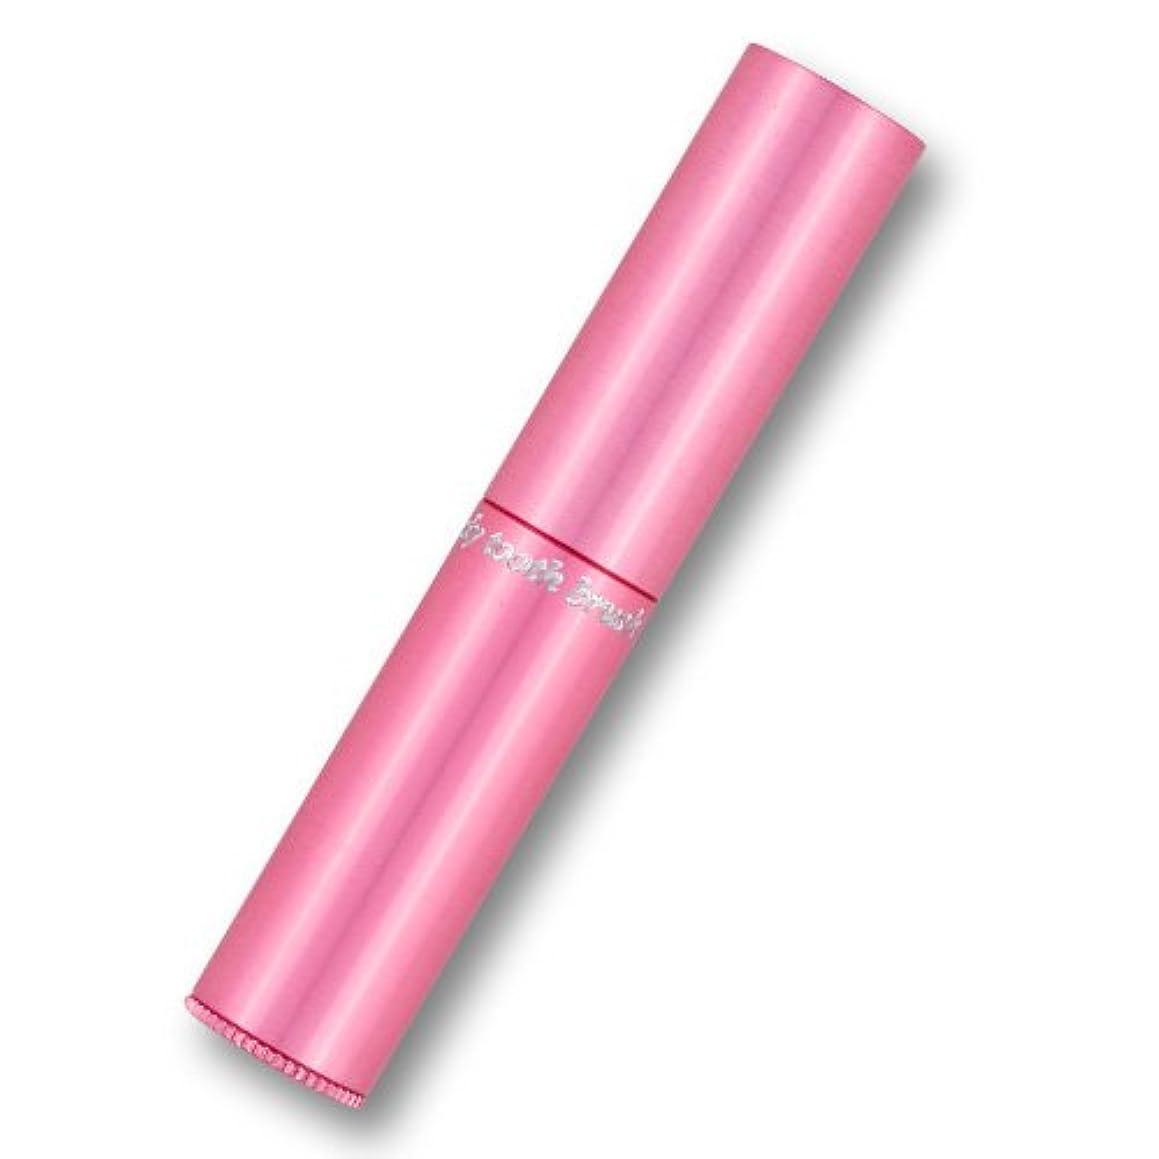 補体認識トランスミッション携帯歯ブラシ?タベタラmigaCO(ピンク)